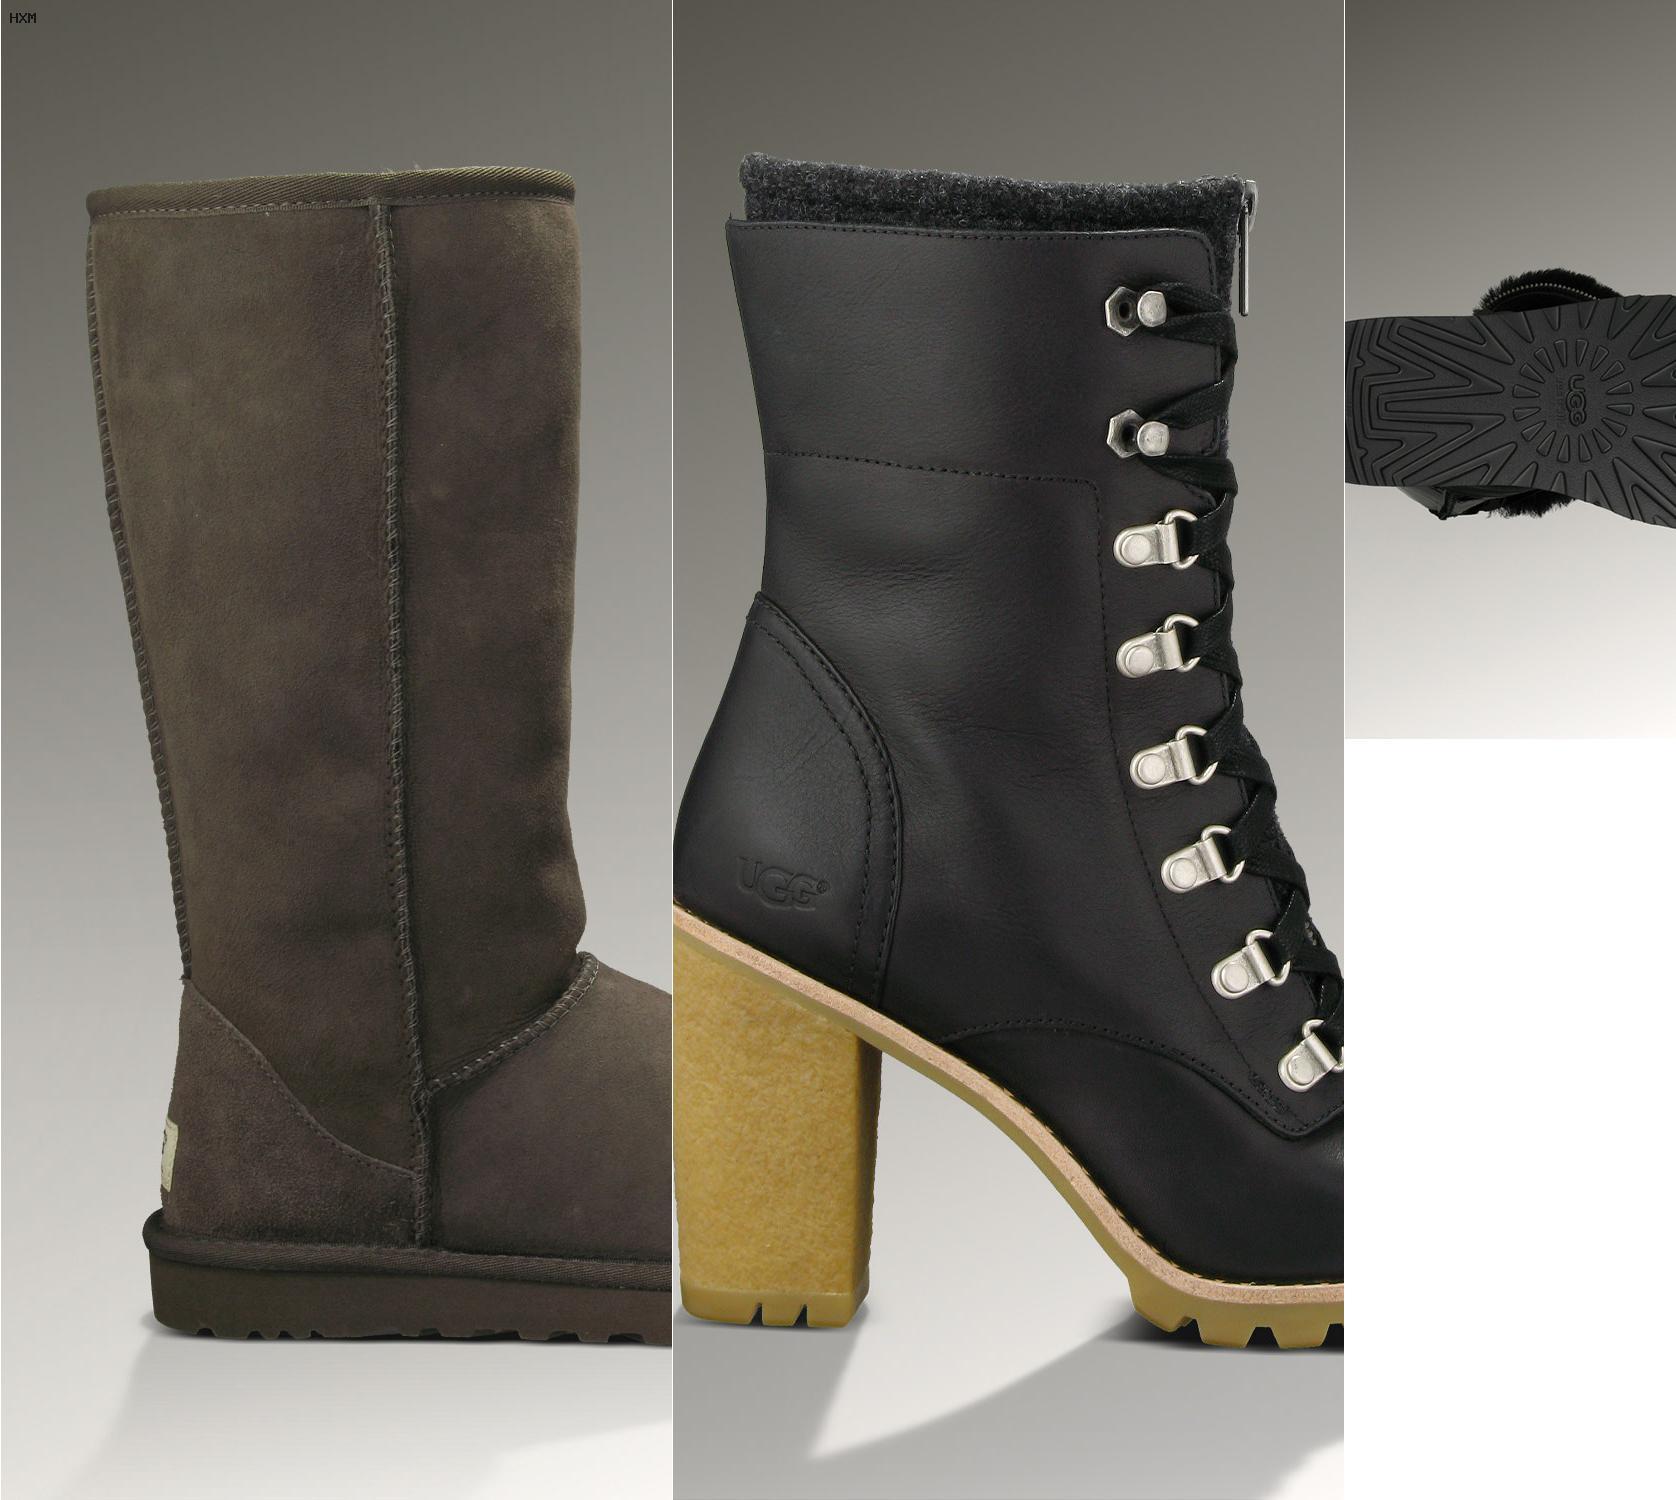 ugg boots outlet online uk